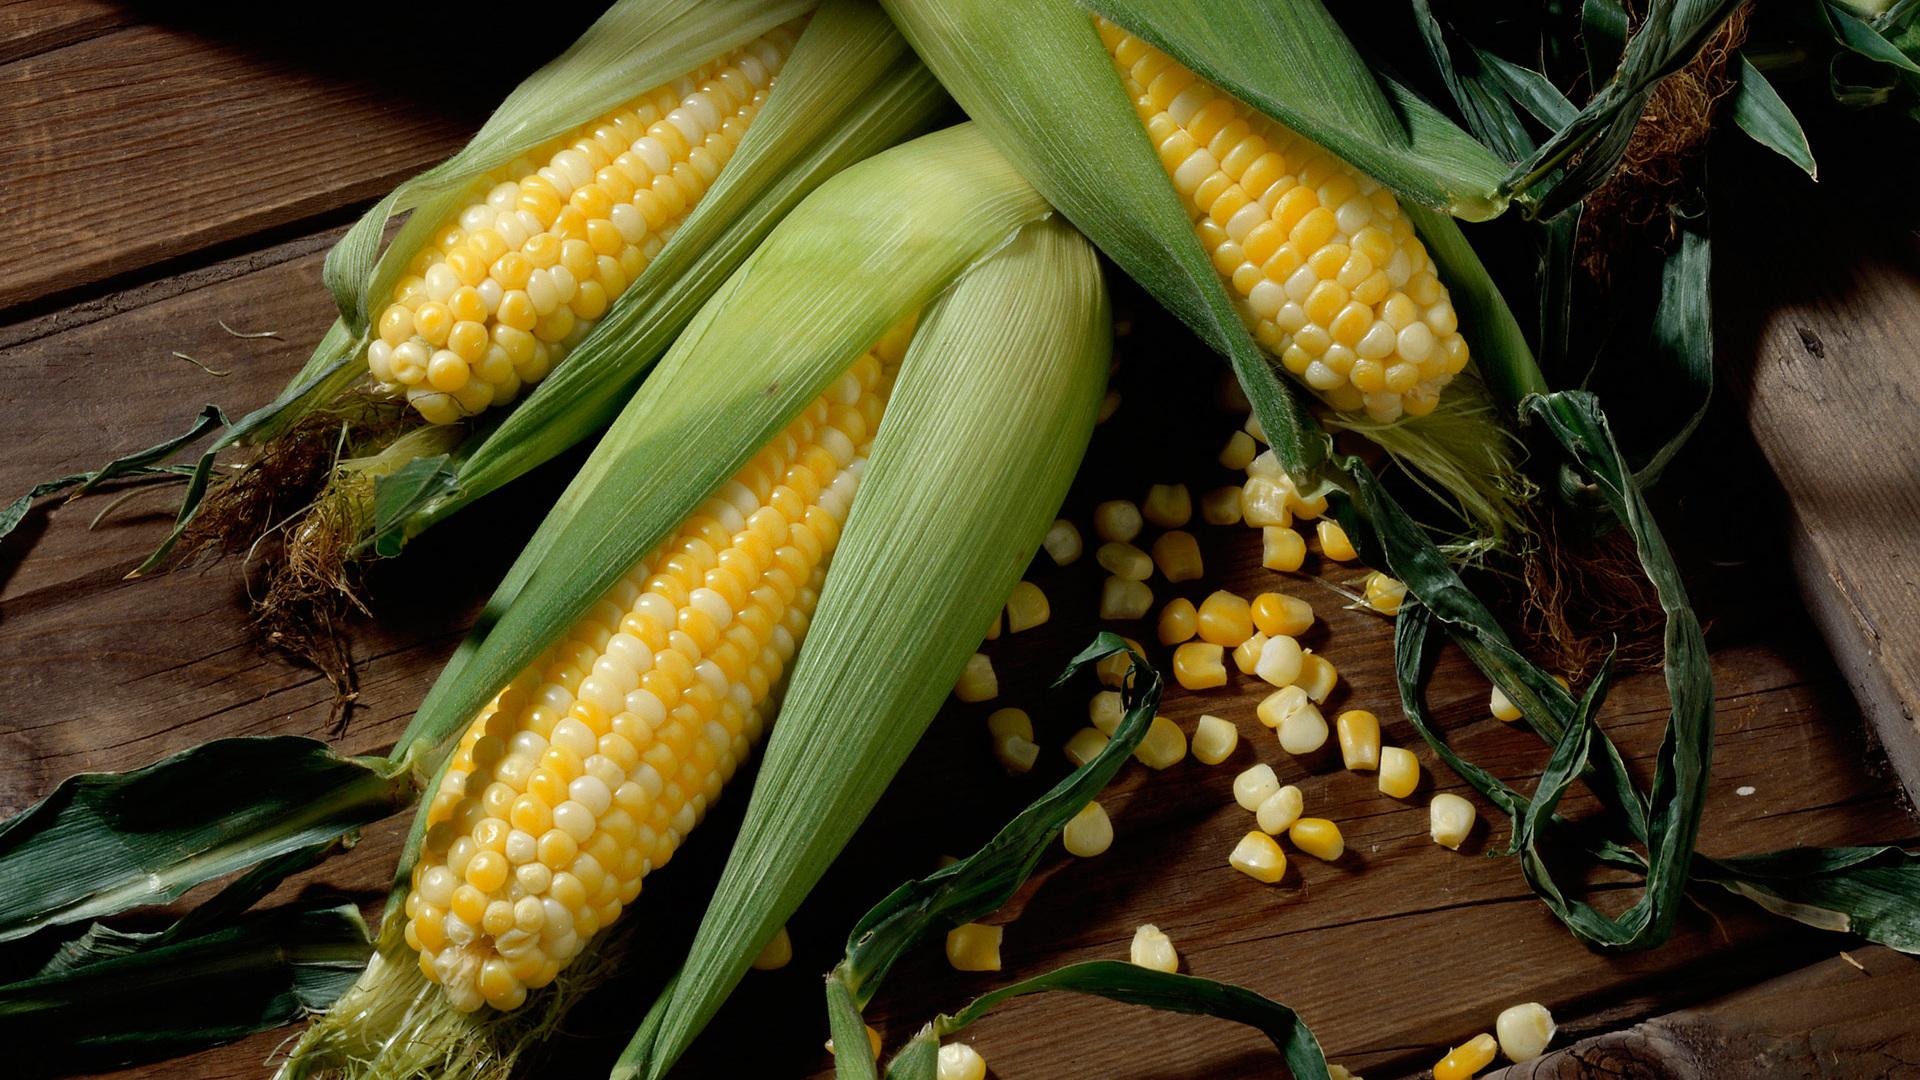 Corn Wave Analysis 1 October, 2020